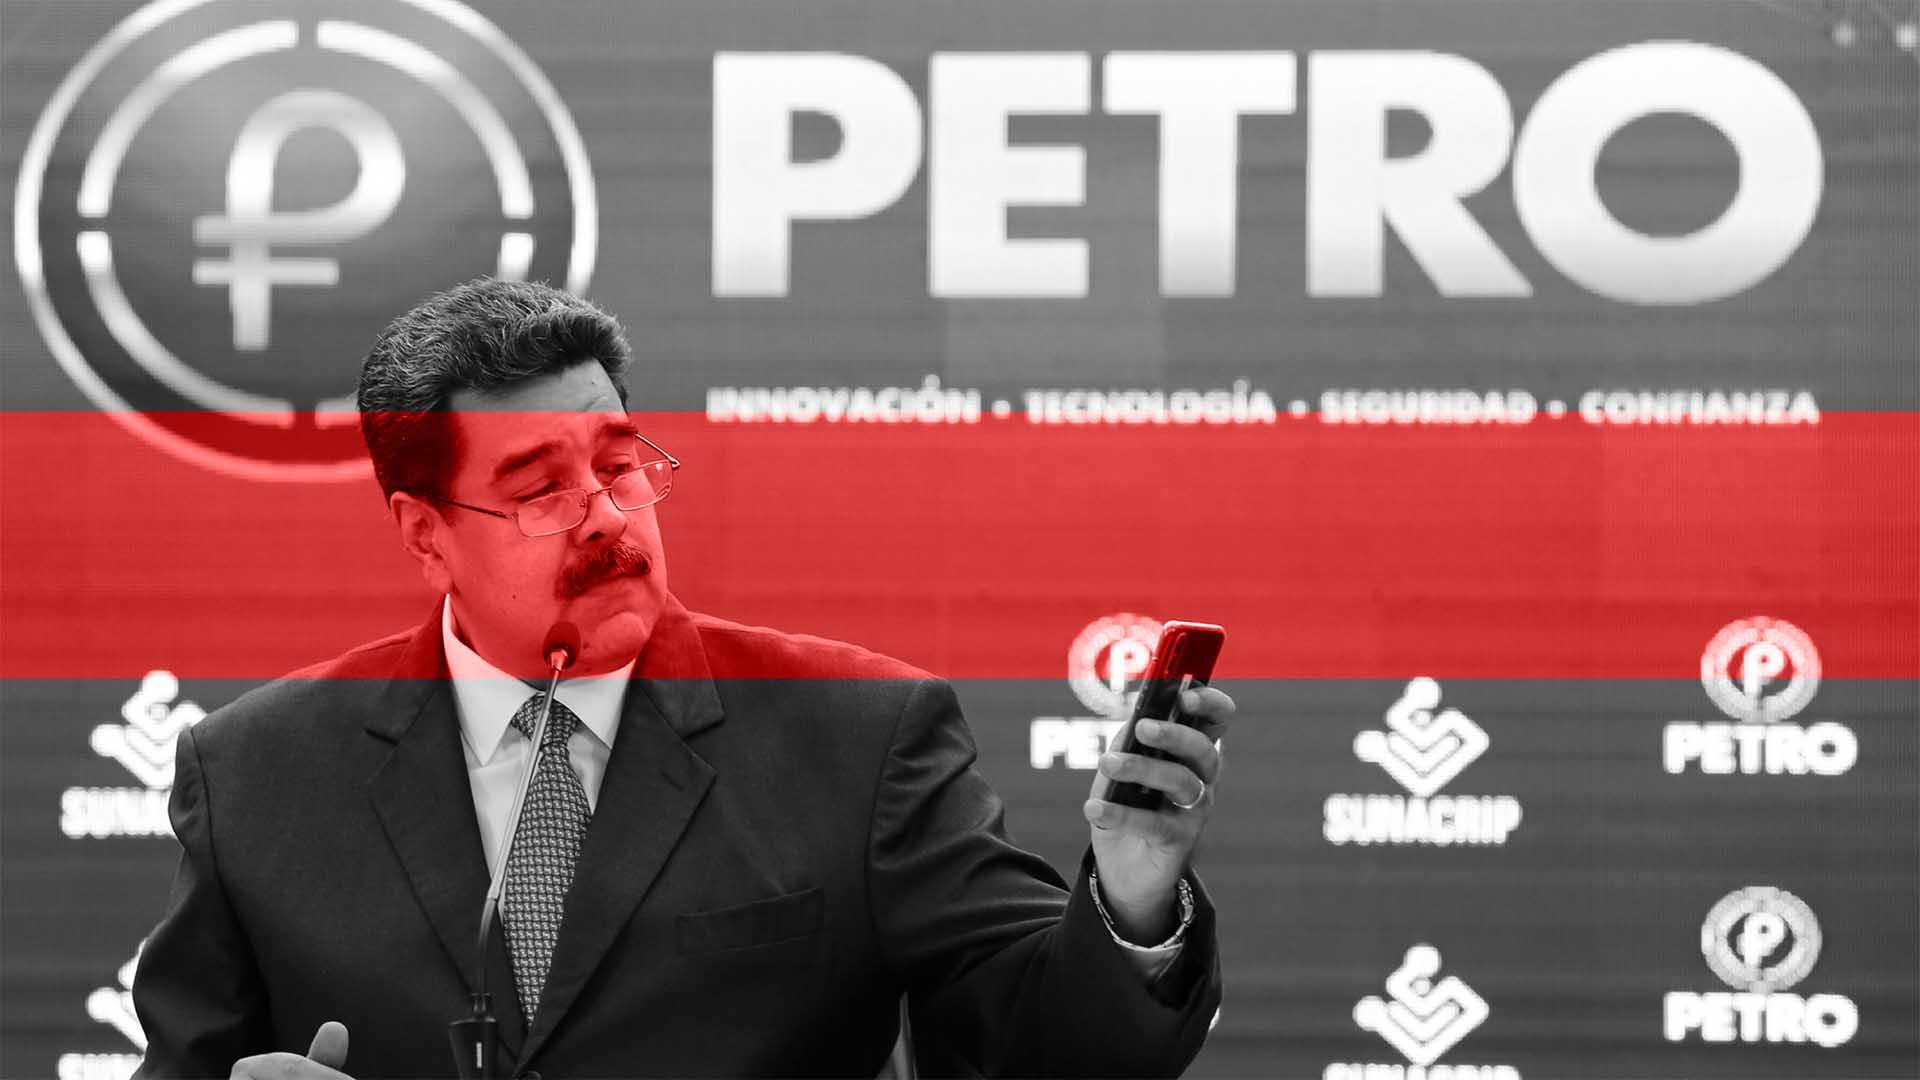 ¿Y la indexación del salario al petro?, por Luis Oliveros